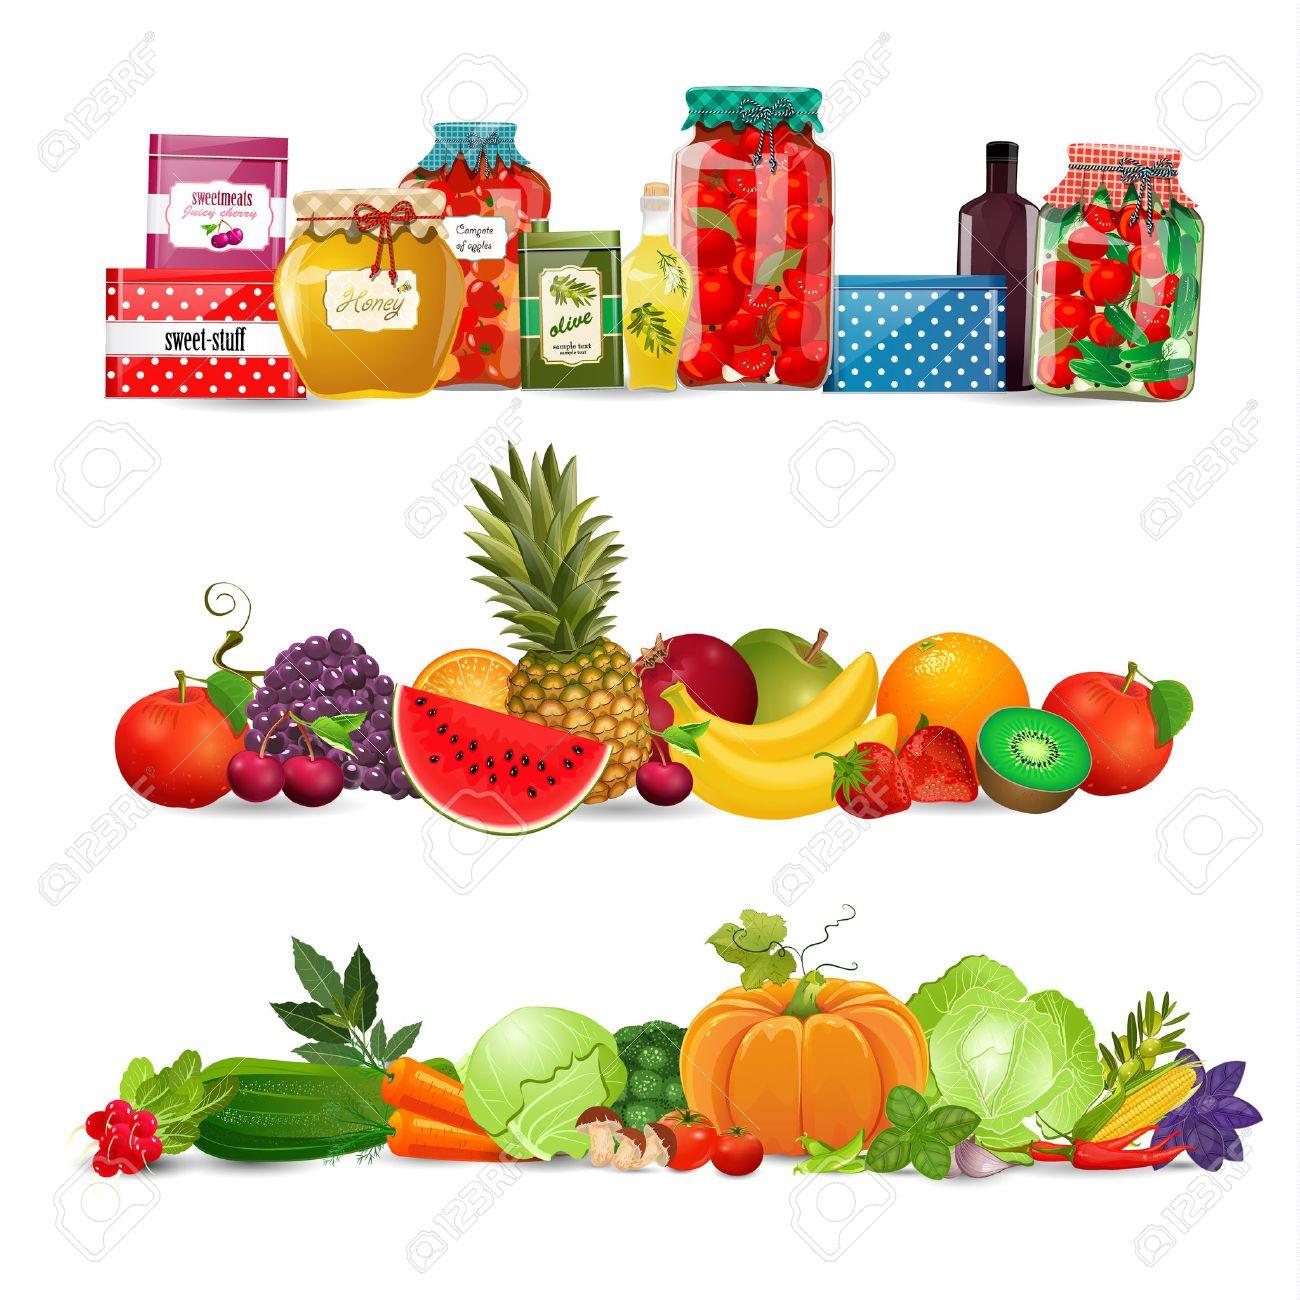 marco de verduras fronteras coleccin con preservar los alimentos verduras frutas cosecha